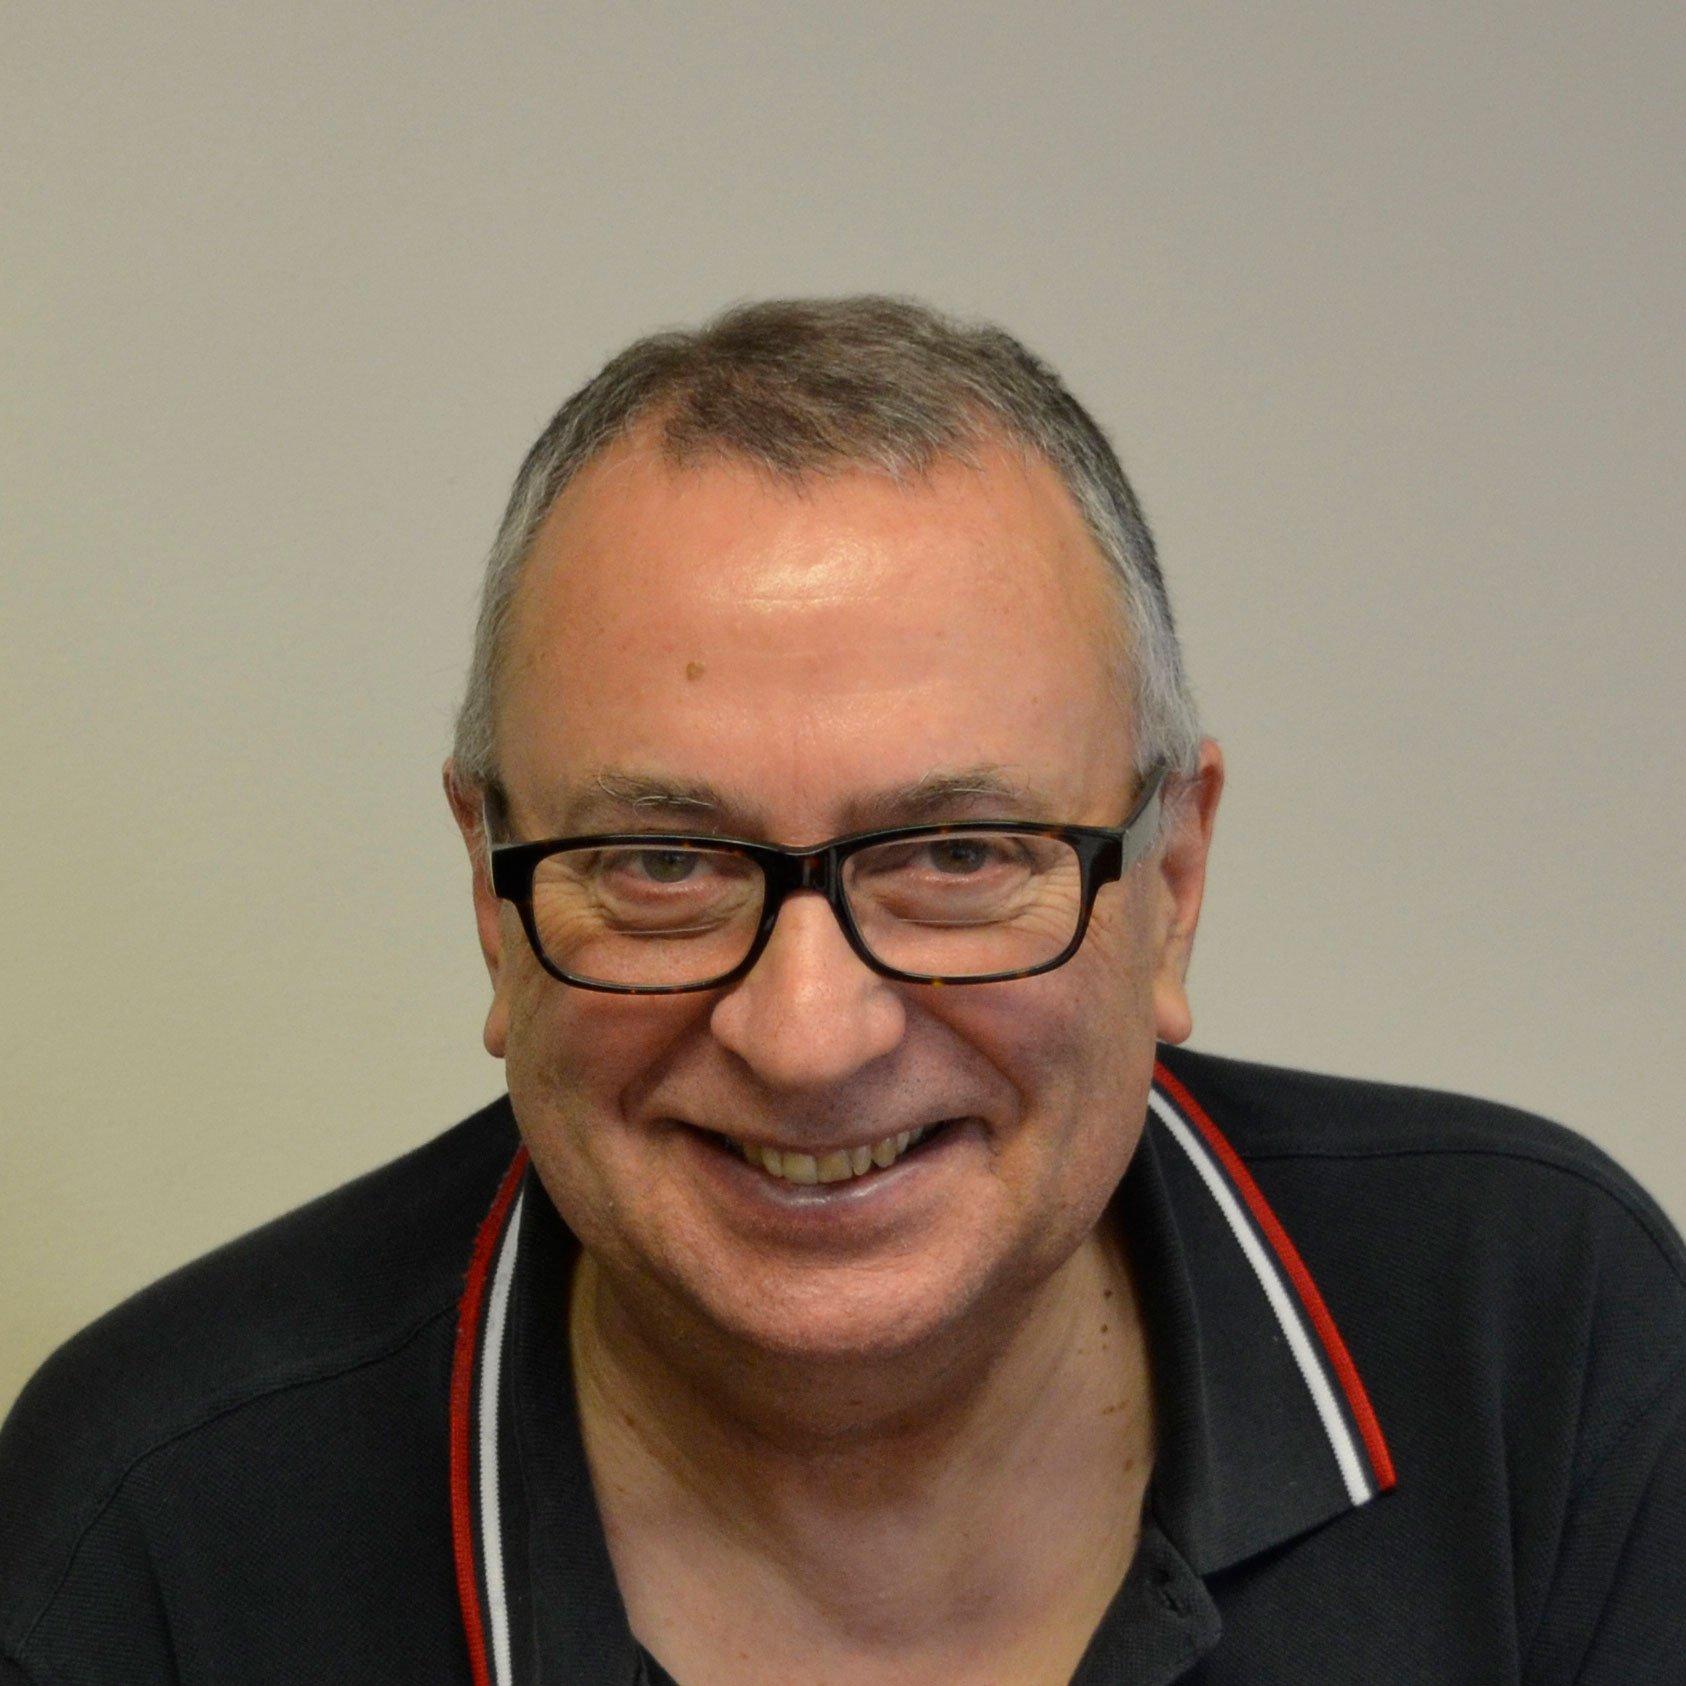 Philippe Carden, MA FCA